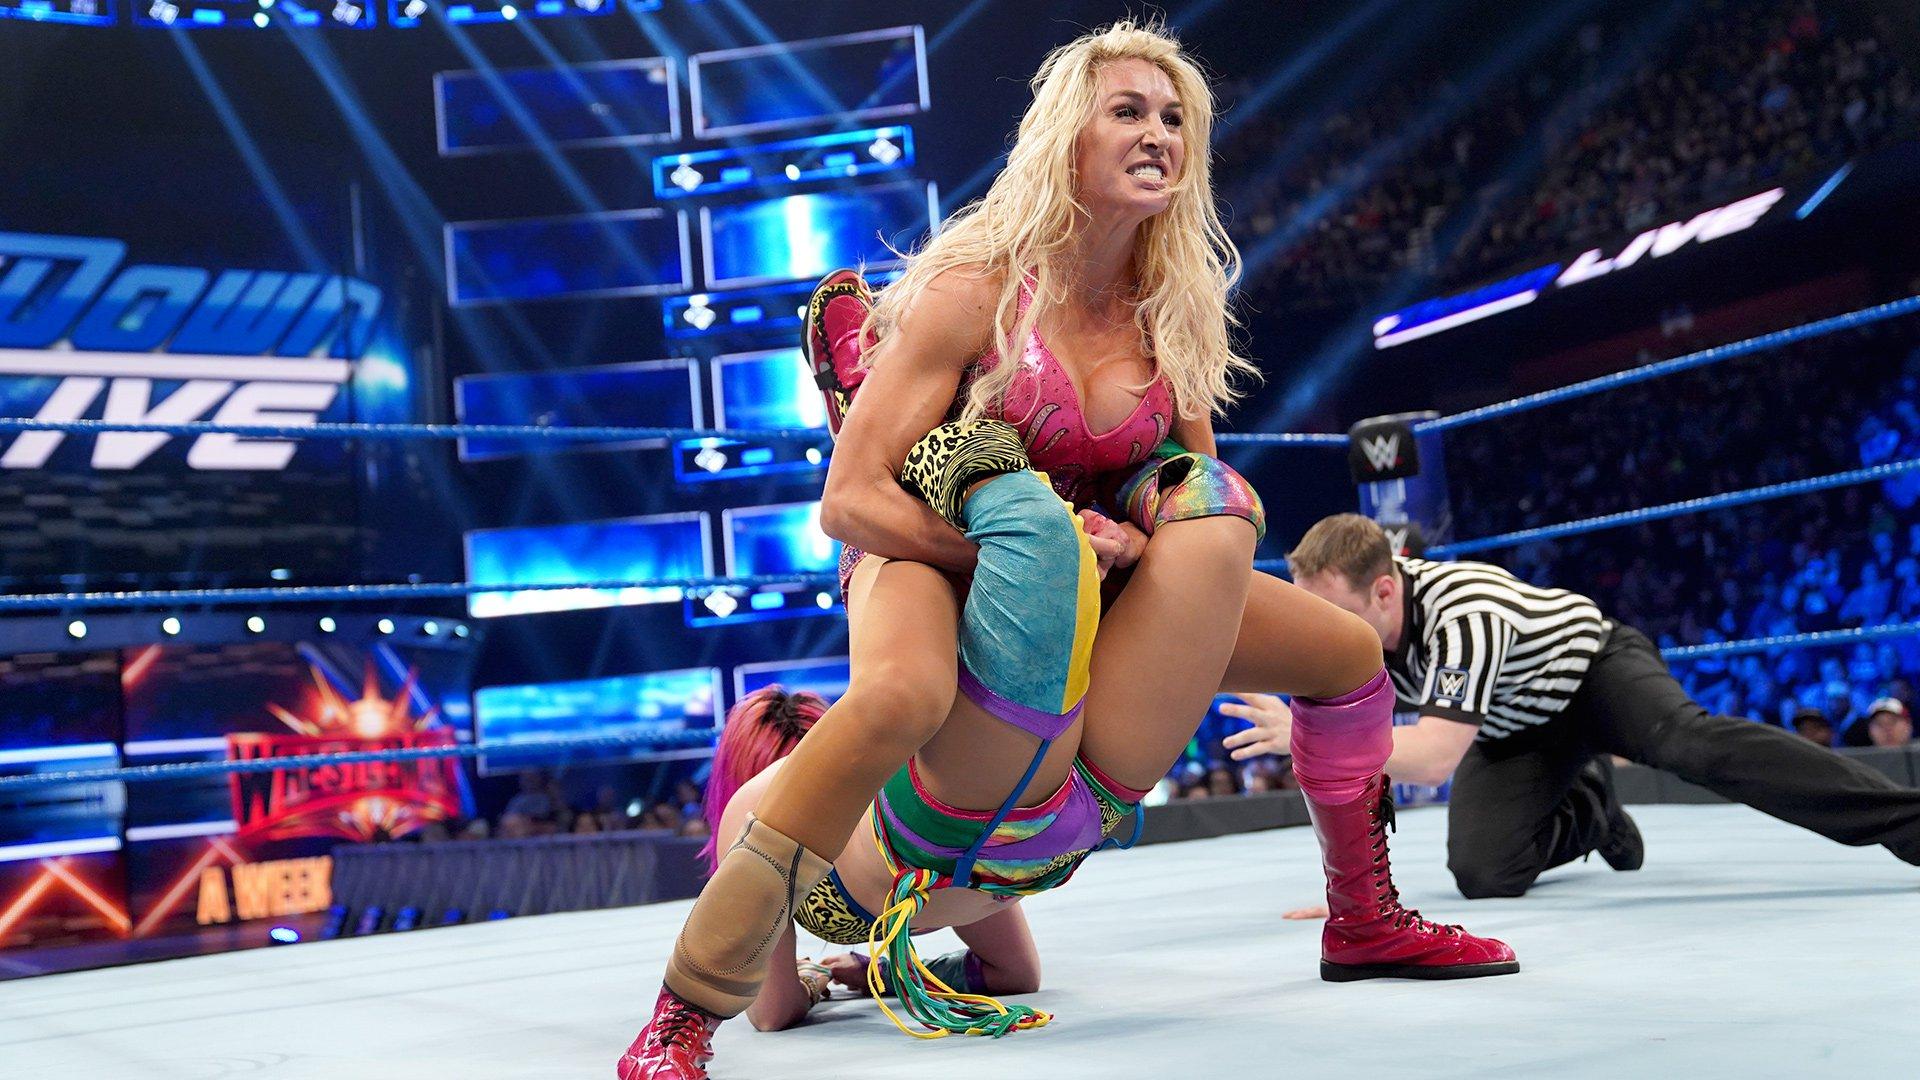 Asuka vs. Charlotte Flair - Match pour le Titre Femme de SmackDown: SmackDown LIVE, Match Gauntlet Partie 5: SmackDown LIVE, 26 Mars 2019